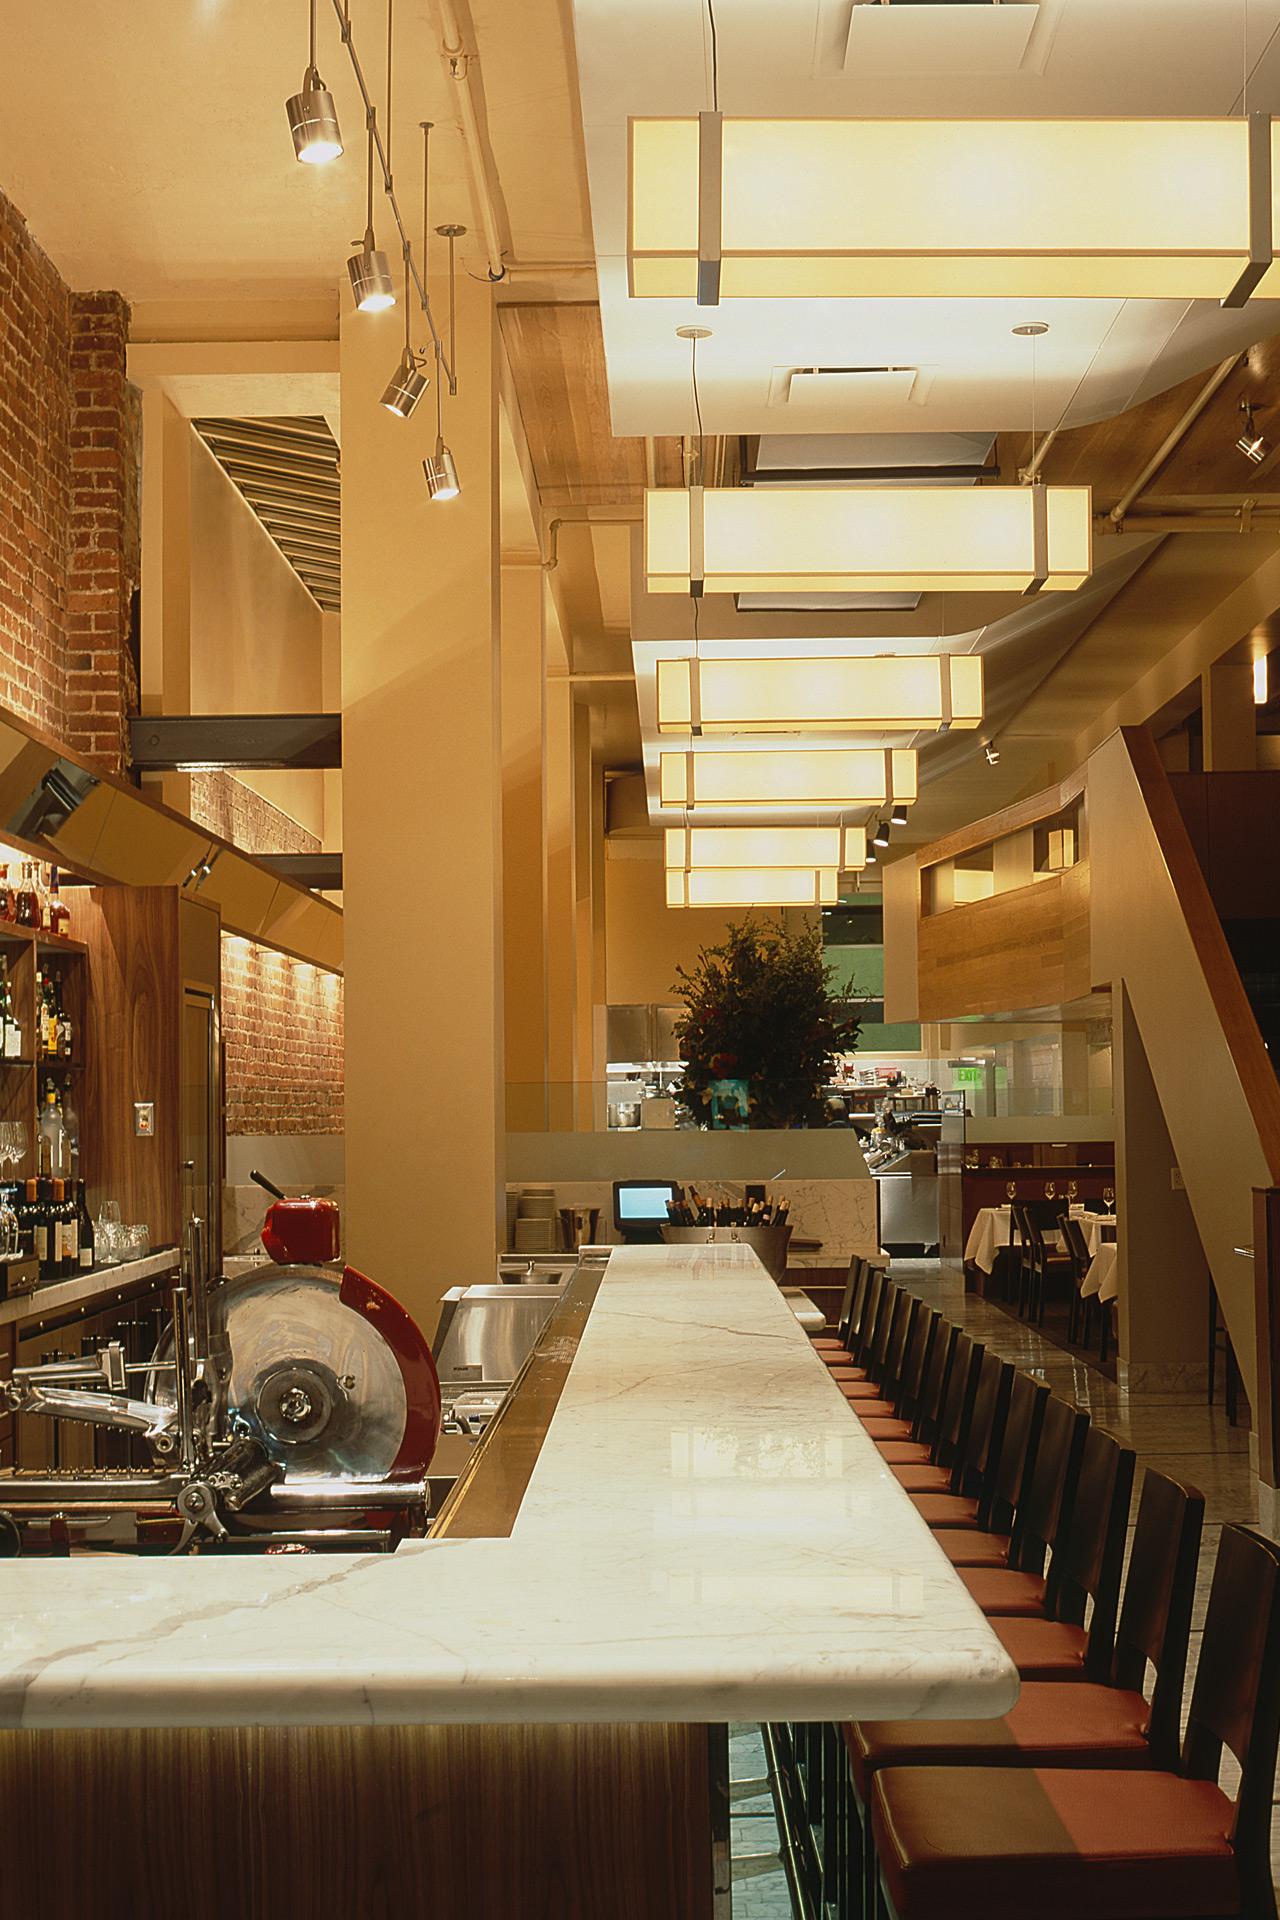 Perbacco restaurant design ideas